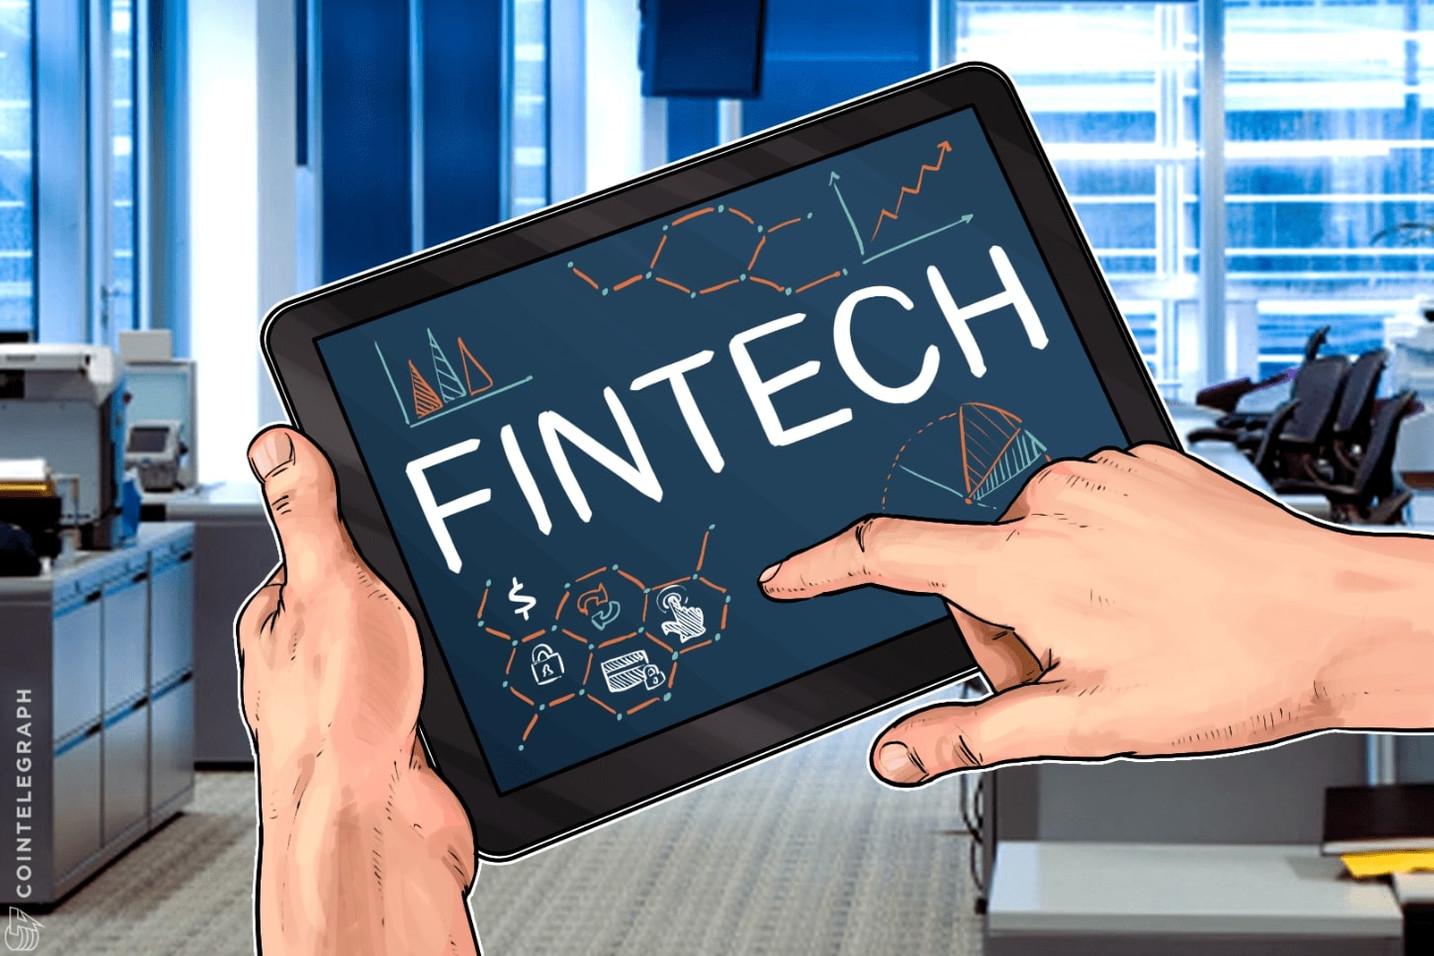 バミューダ、フィンテック・ブロックチェーン企業向けに銀行の新分類を創設へ